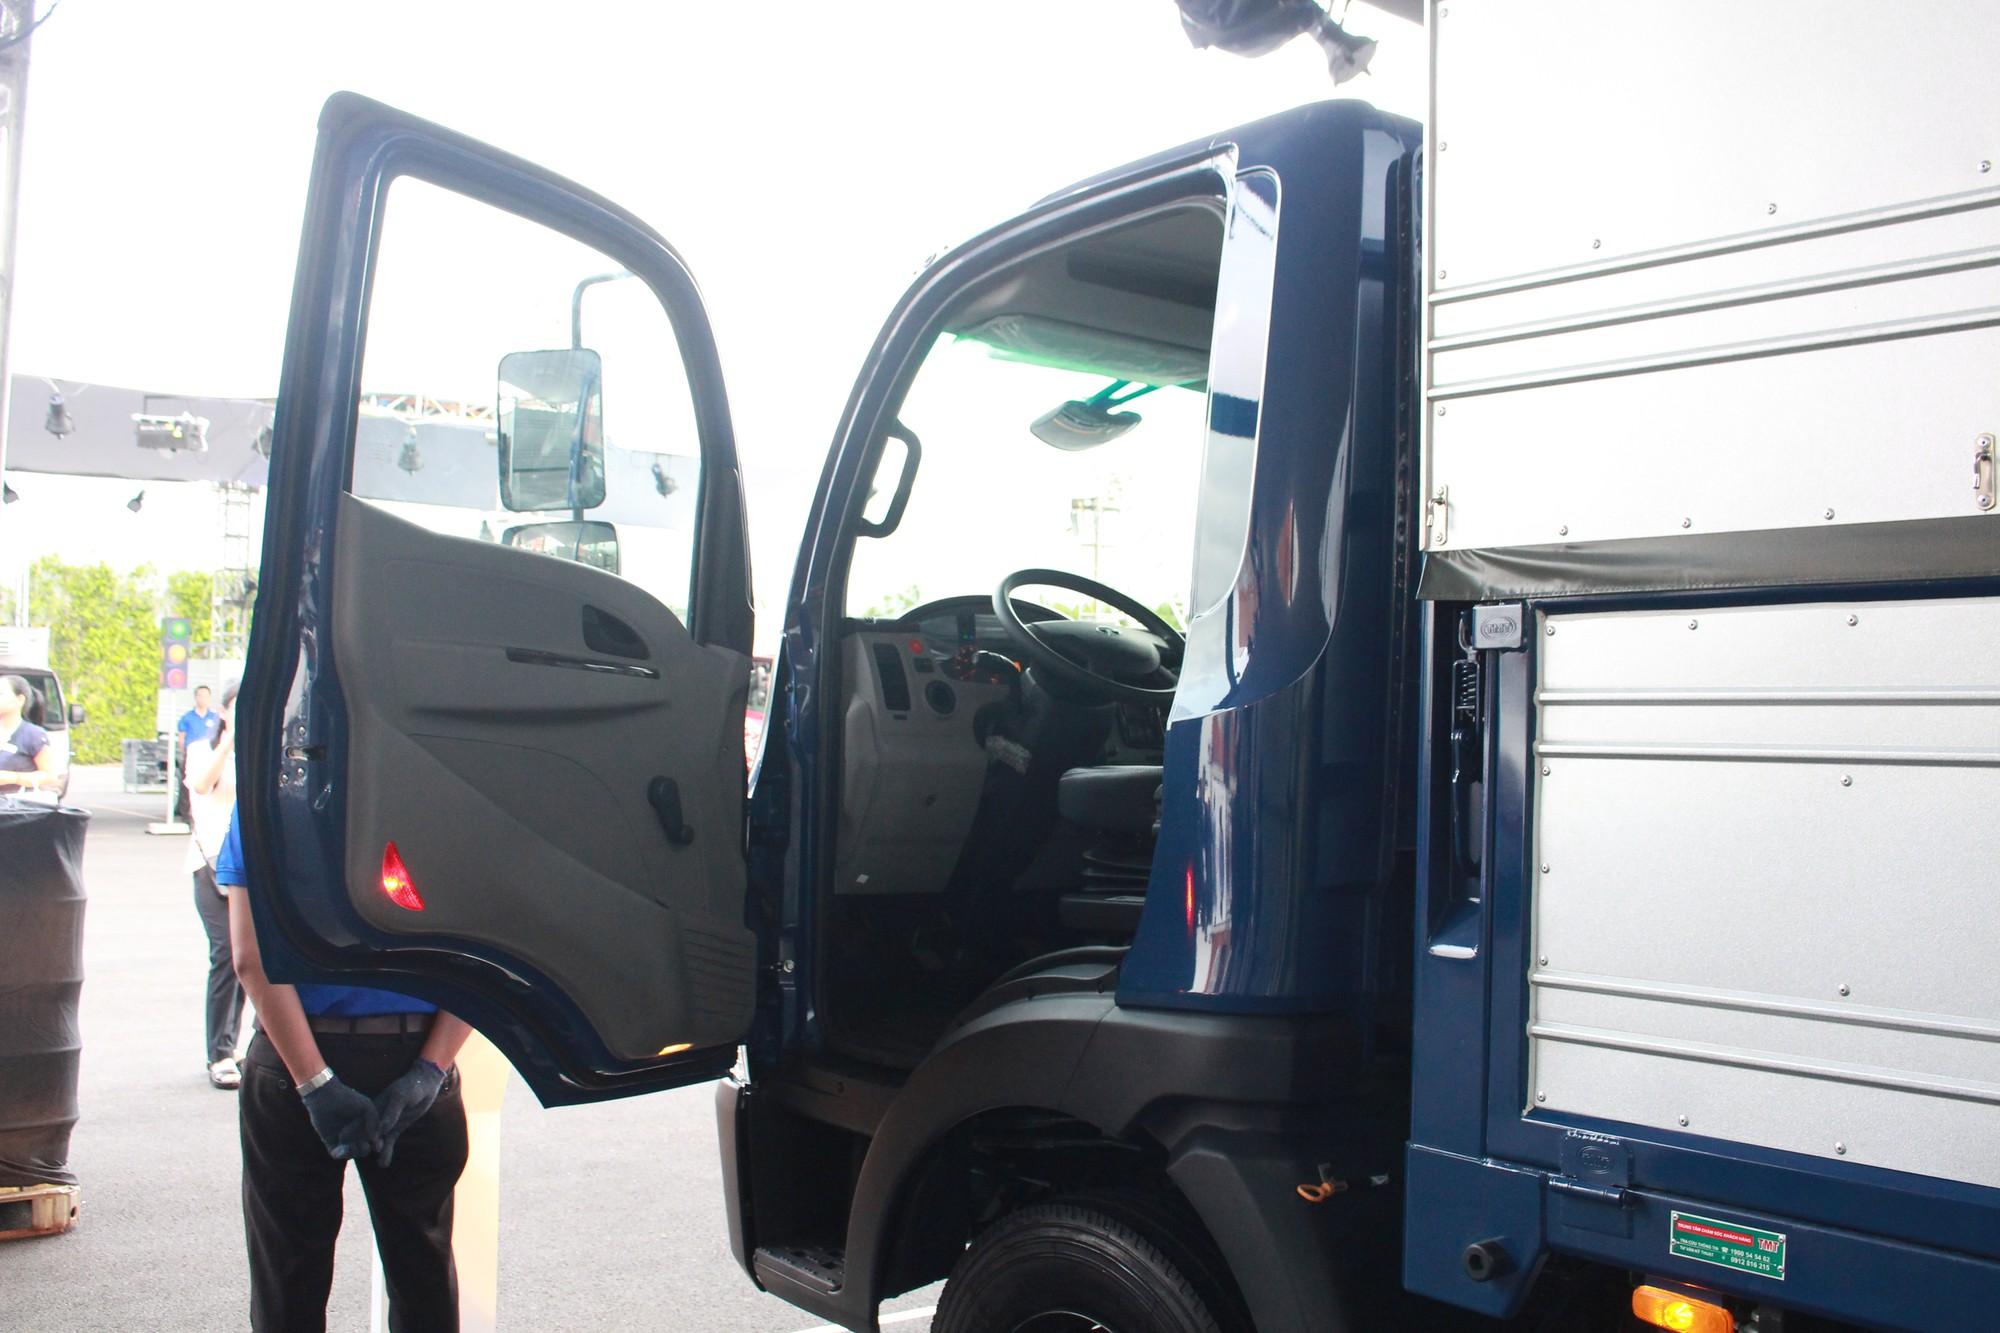 Hãng ôtô số một Ấn Độ tung xe tải tầm trung mới nhất tại Việt Nam, rẻ hơn xe Nhật Bản, Hàn Quốc từ 100-130 triệu - Ảnh 3.